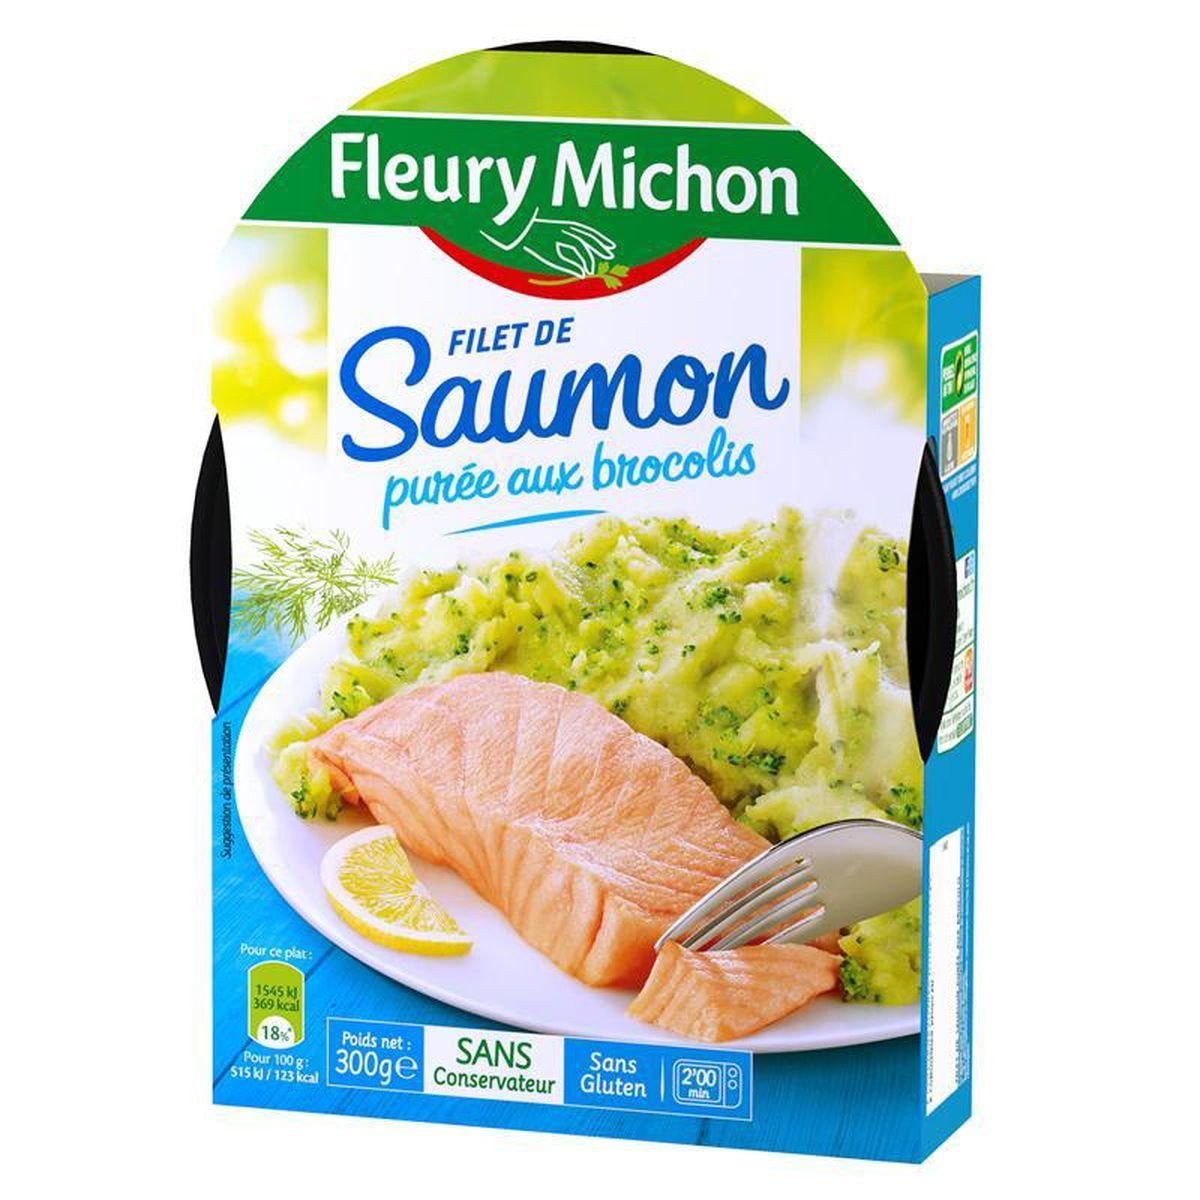 Filet de saumon purée de brocolis, Fleury Michon (300 g)